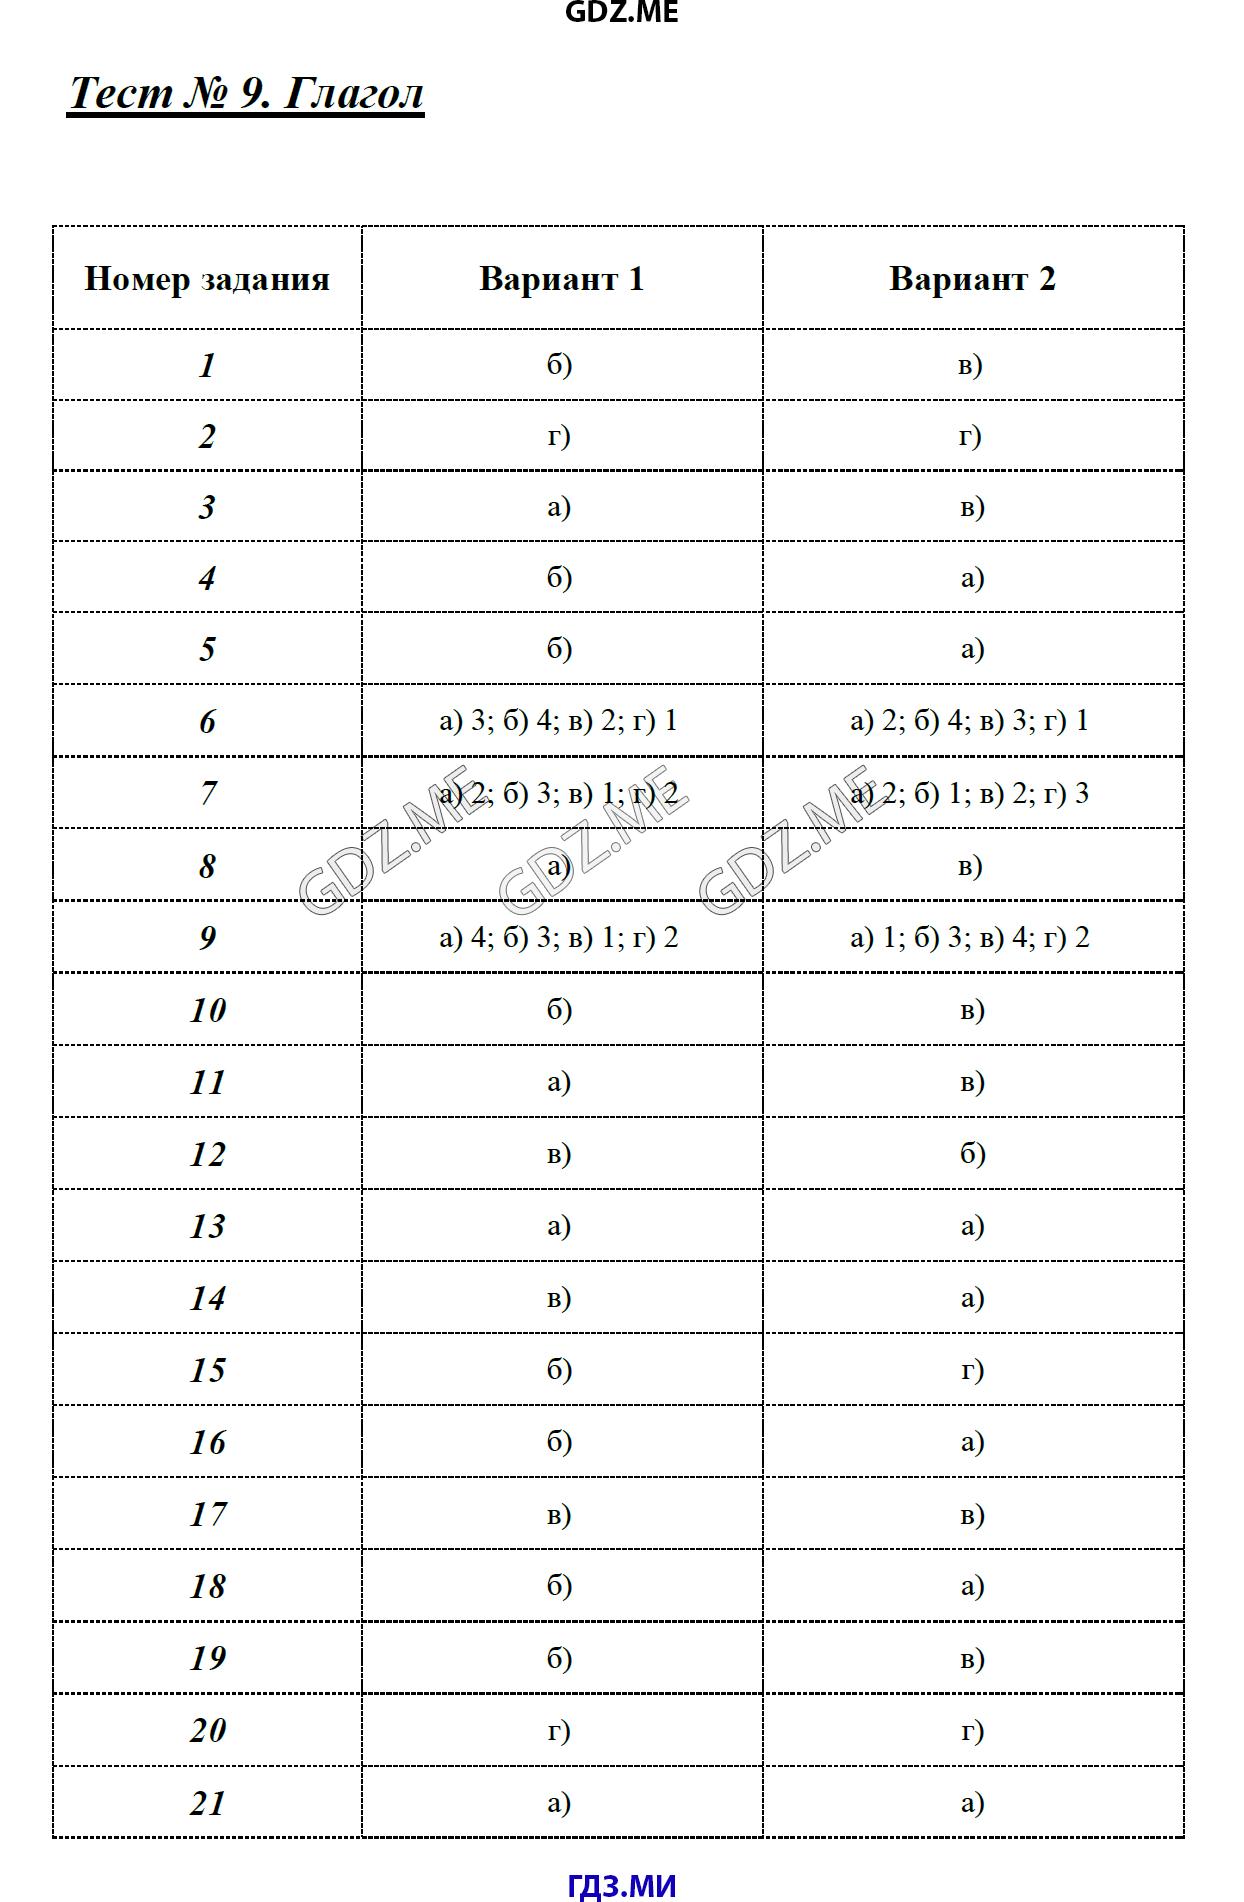 каськова языку 7 русскому тематическим по тестам класс гдз по